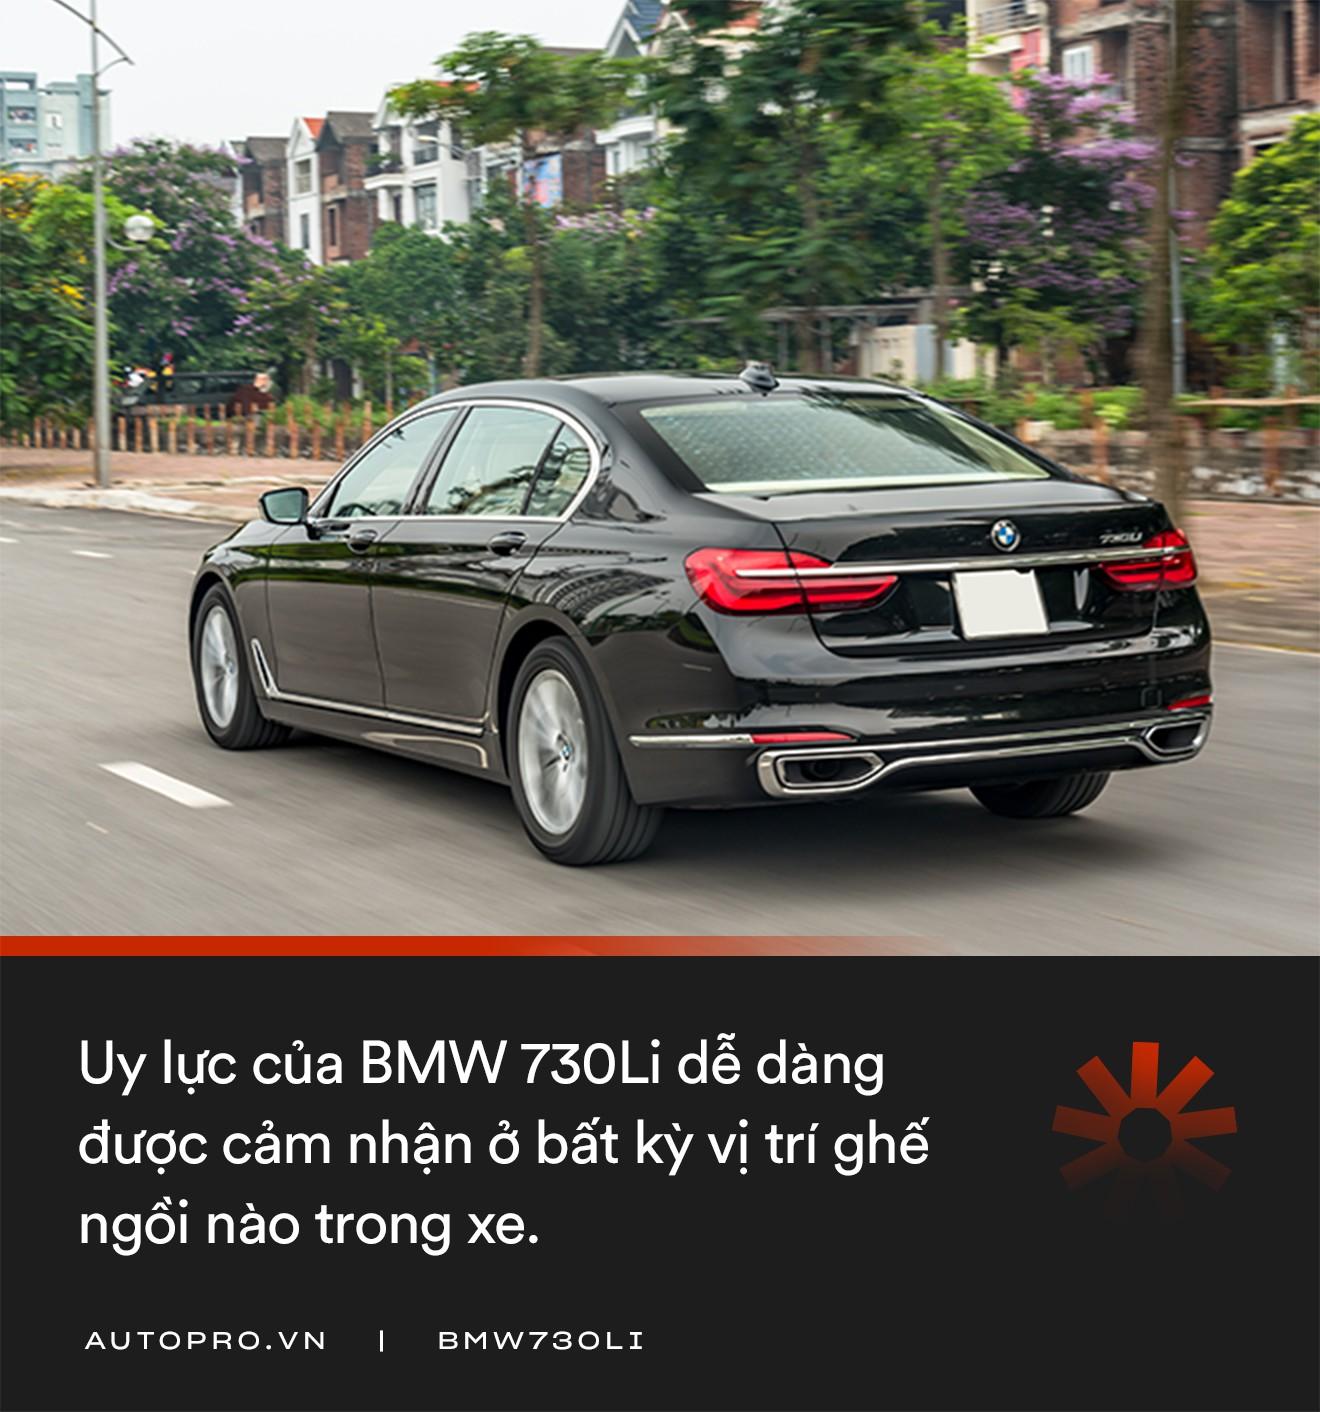 Đánh giá BMW 730Li: Mang chất thể thao lên limo hạng sang - Ảnh 10.